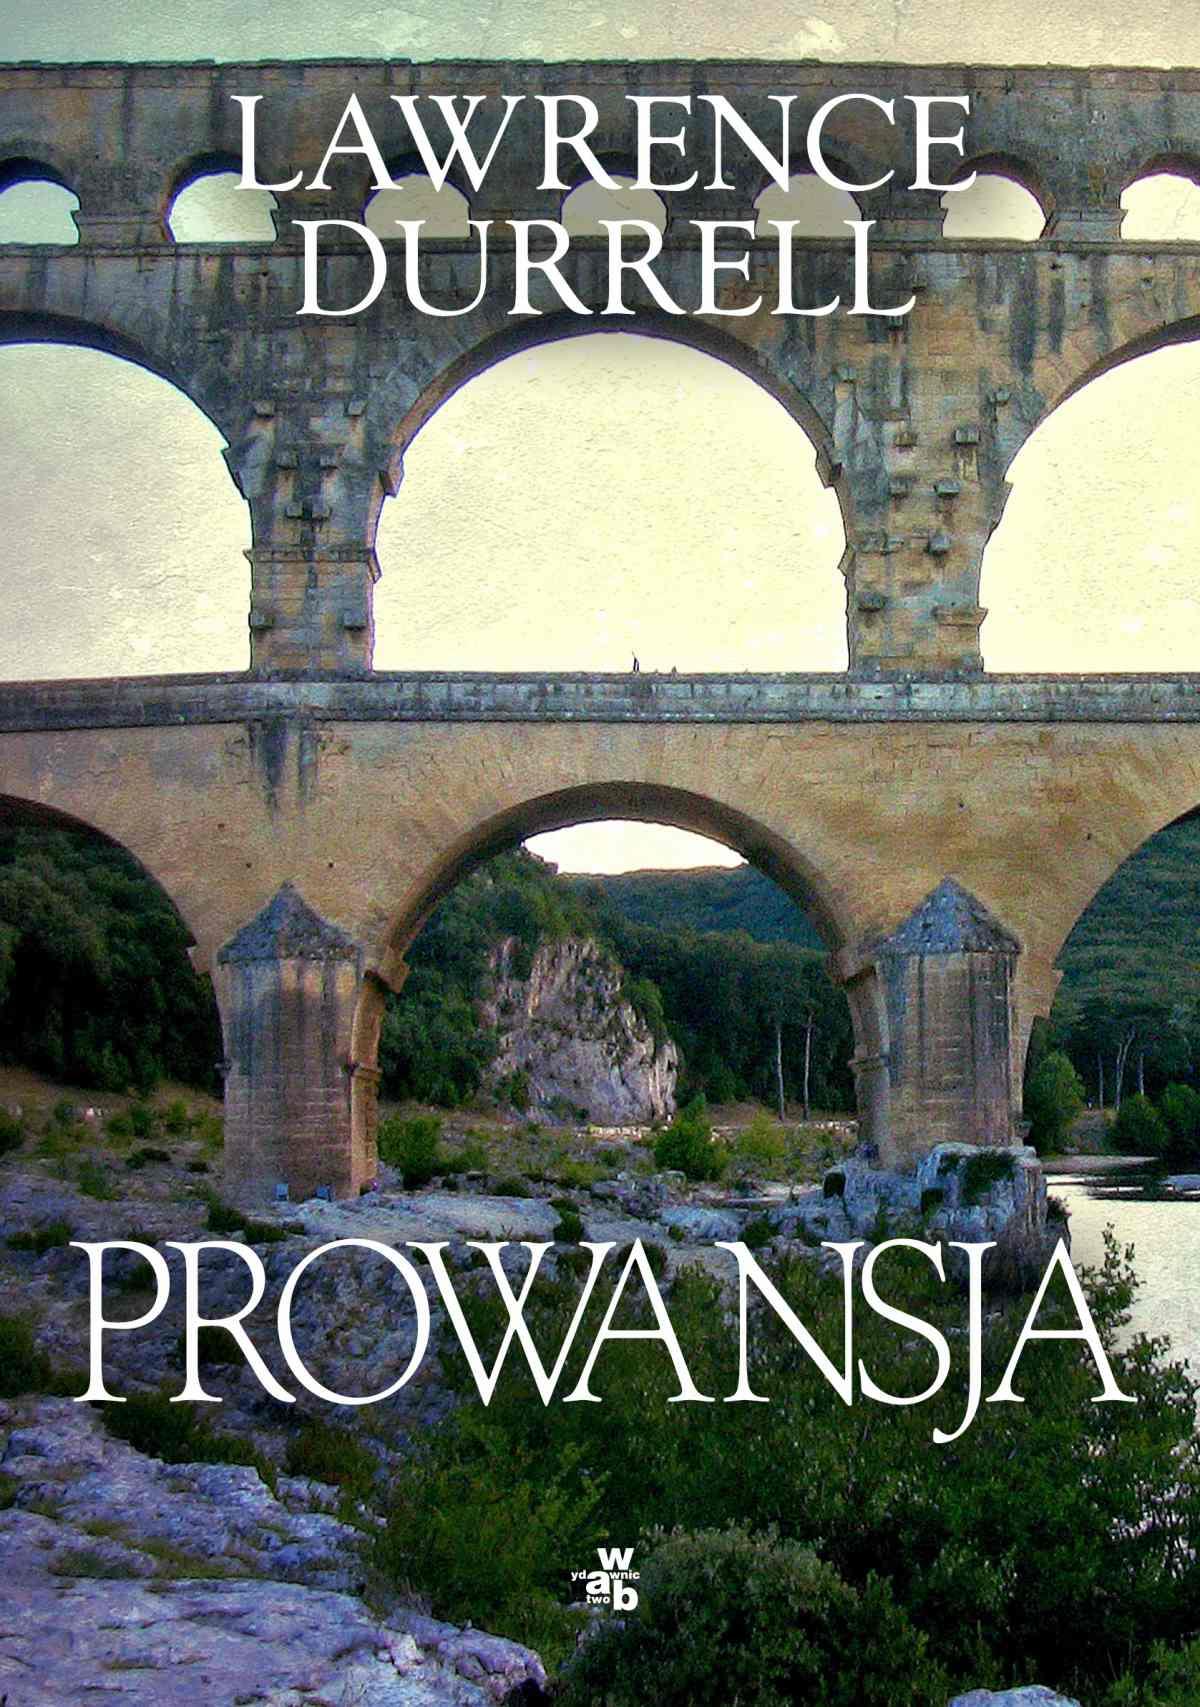 Prowansja - Ebook (Książka EPUB) do pobrania w formacie EPUB